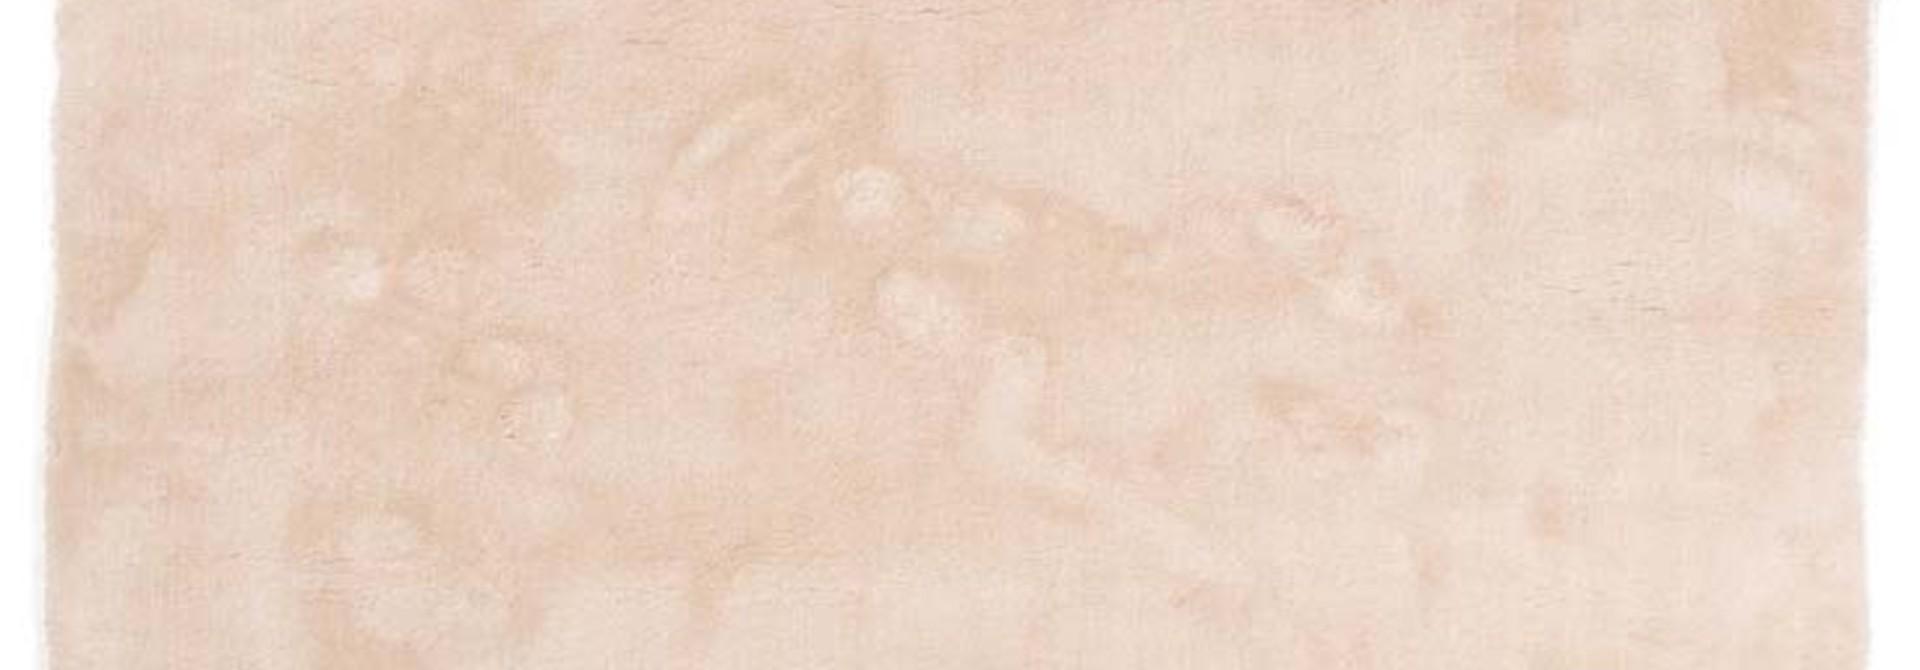 Mart Visser Velvet Touch Ivory White kleur 11